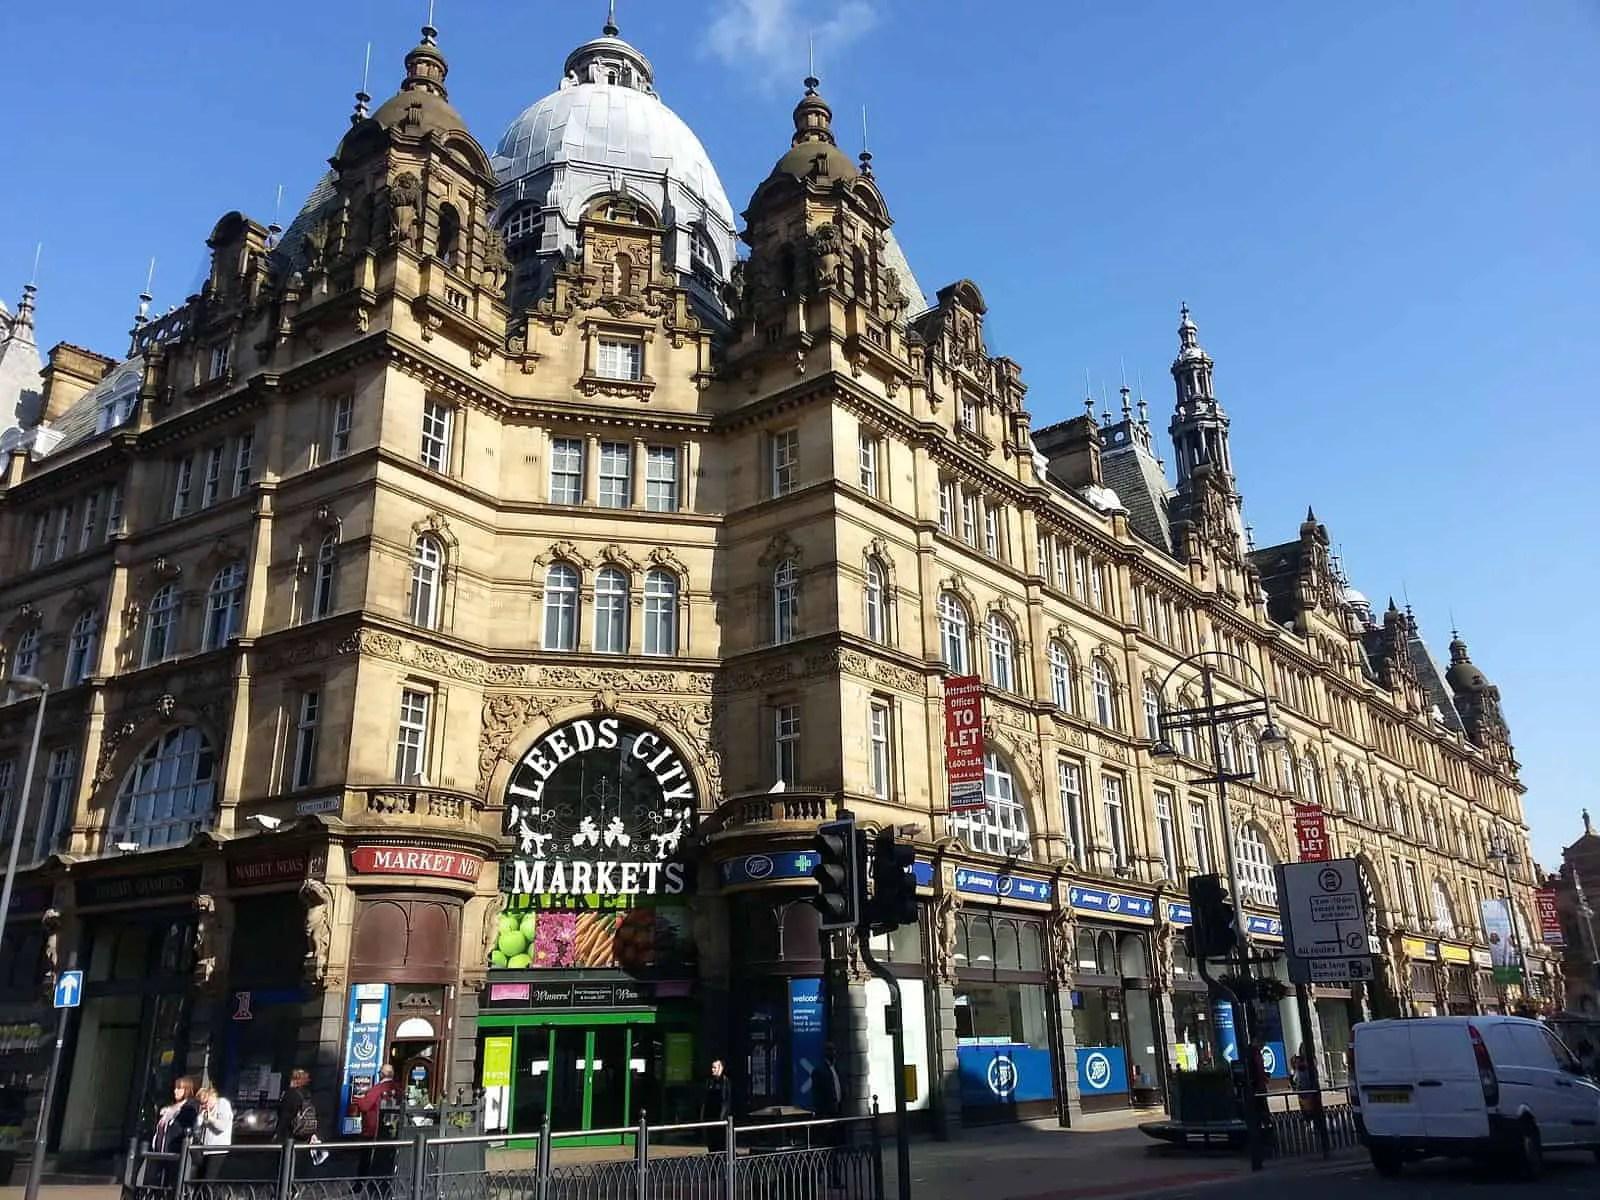 Leeds_Market